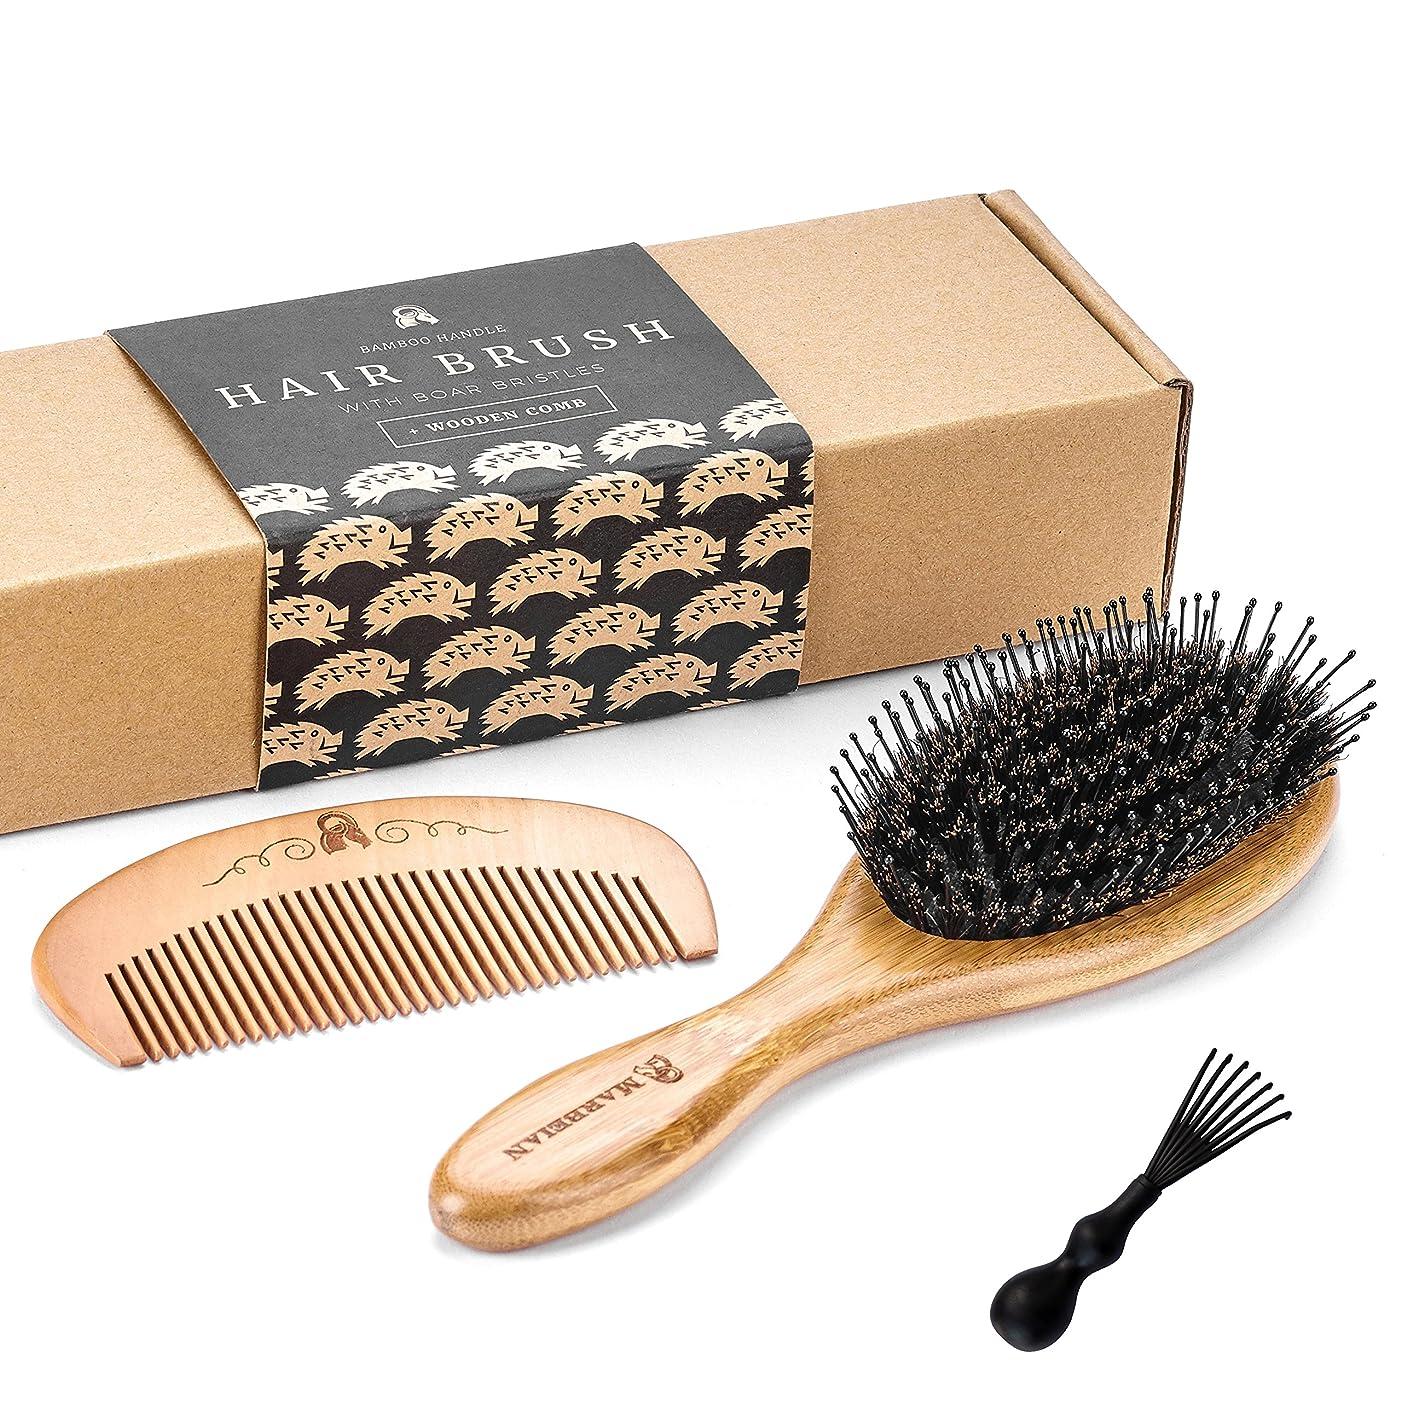 であること柔らかい彼らディタングルピン付き豚毛バンブーヘアブラシと木製櫛セット。この商品は髪の毛を艶やかにし、クリーニング用具も付属しています。